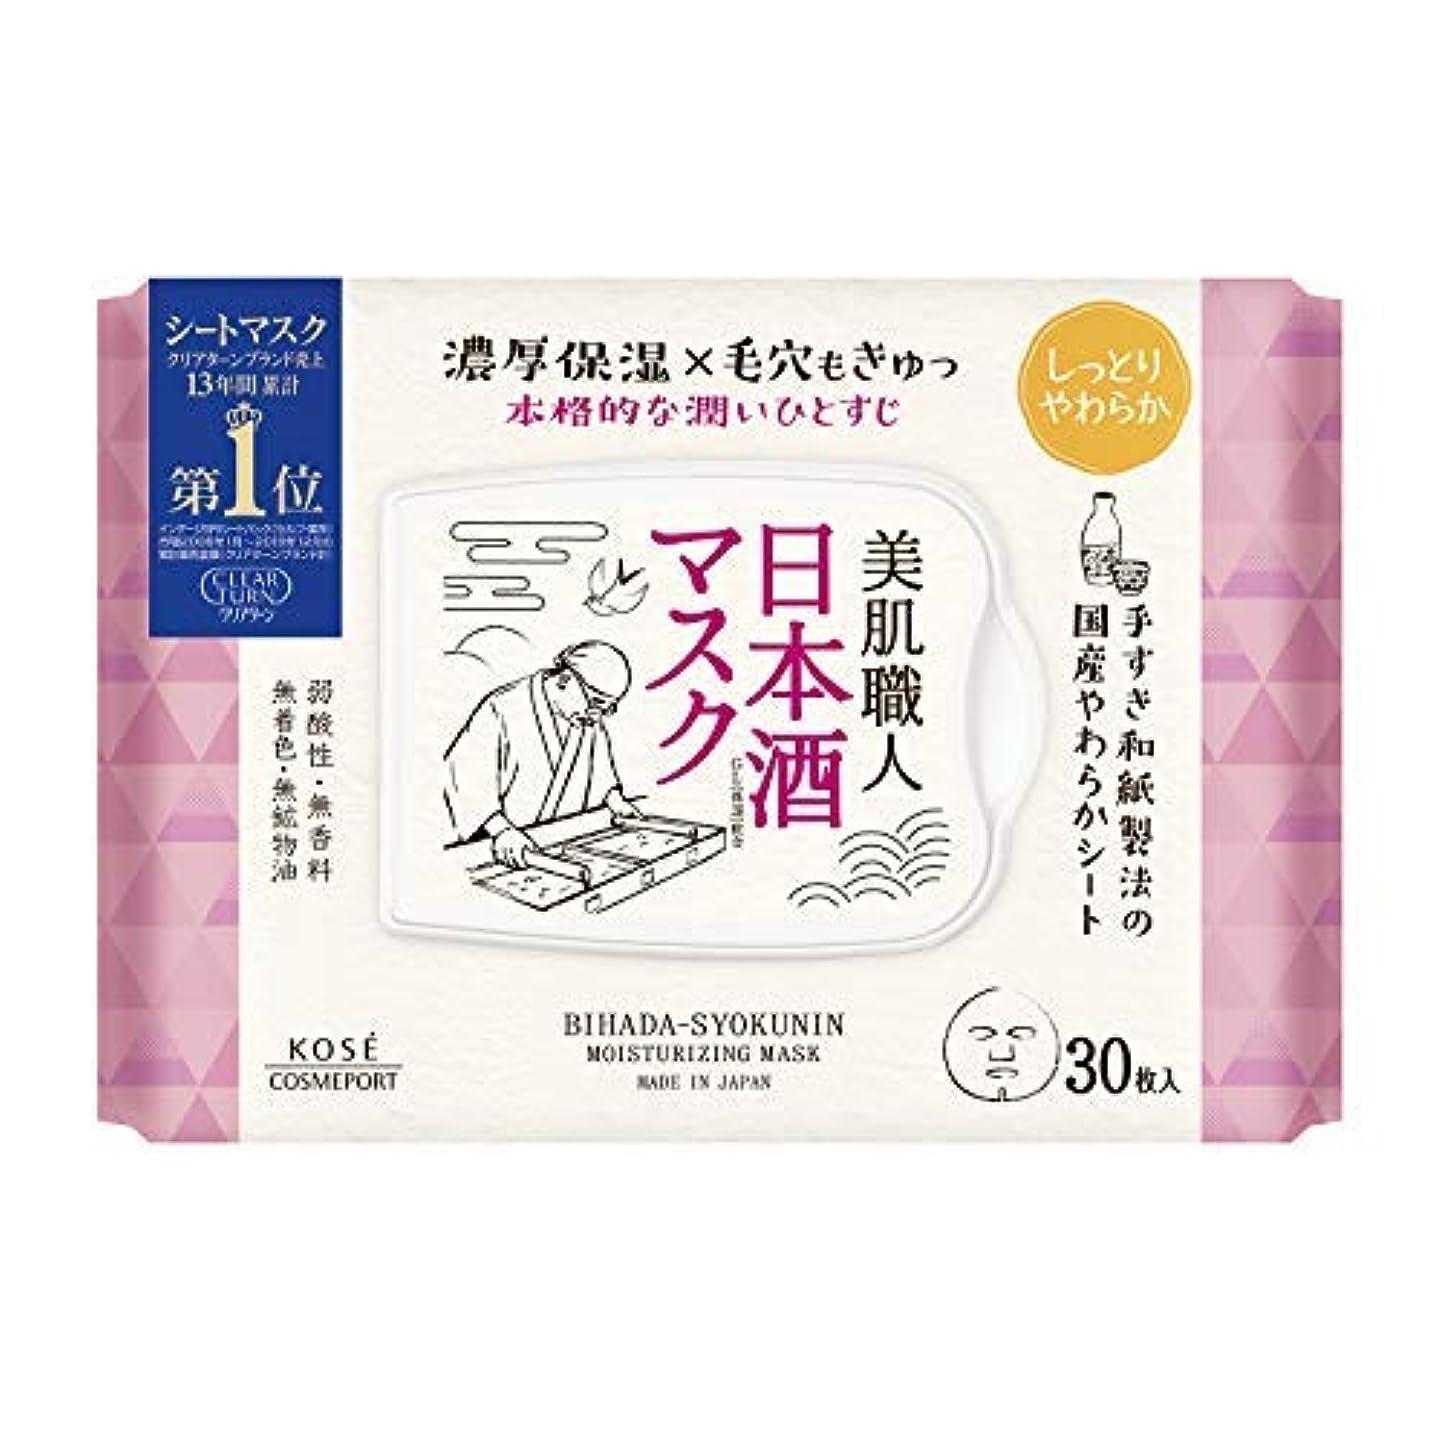 クリアターン 美肌職人日本酒マスク × 12個セット